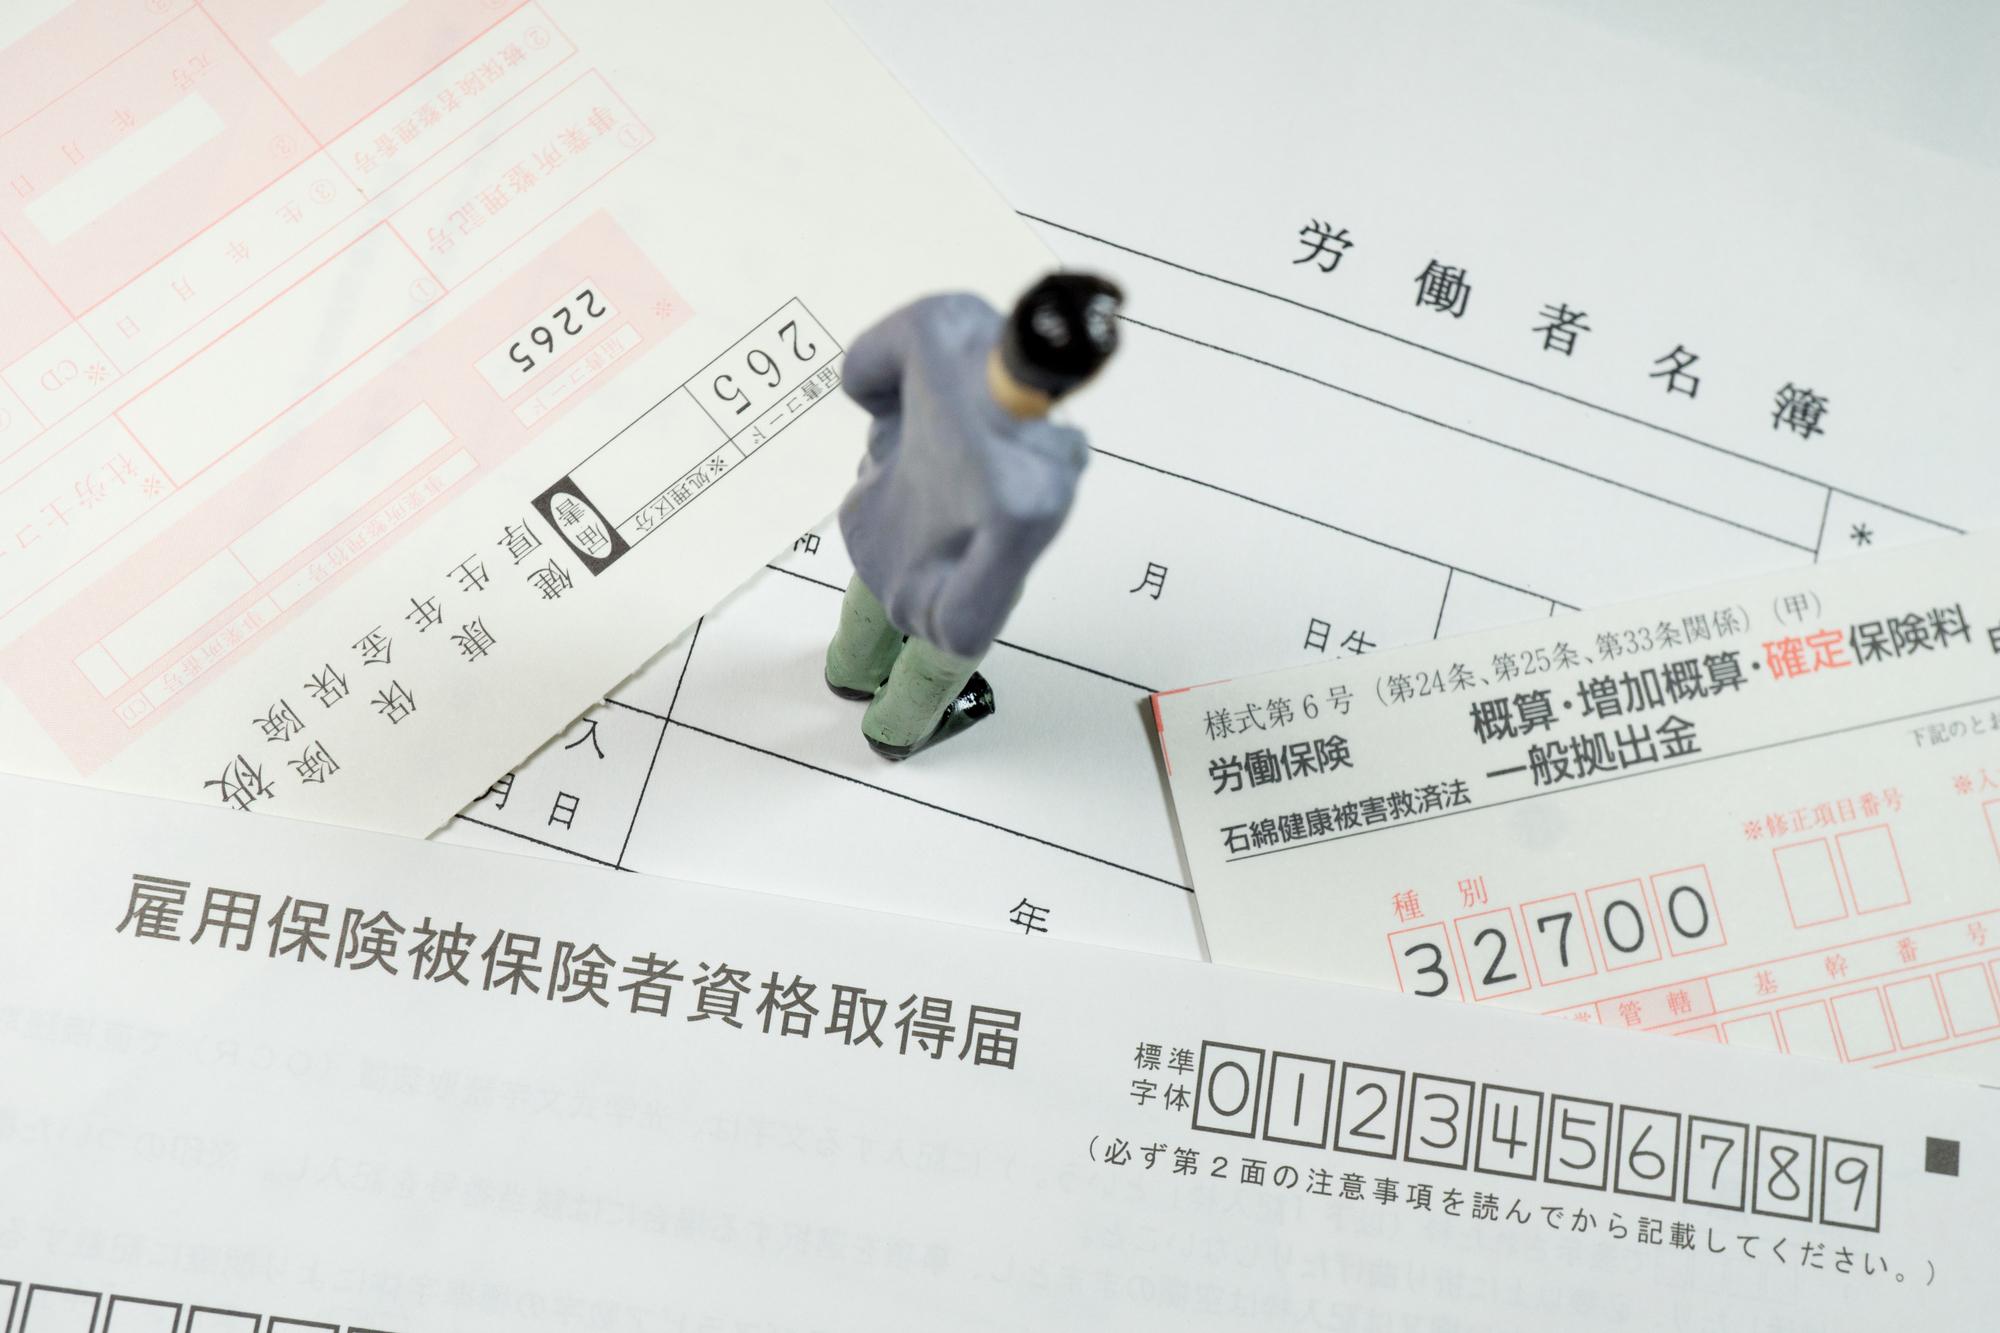 労災保険とはどんな制度か?